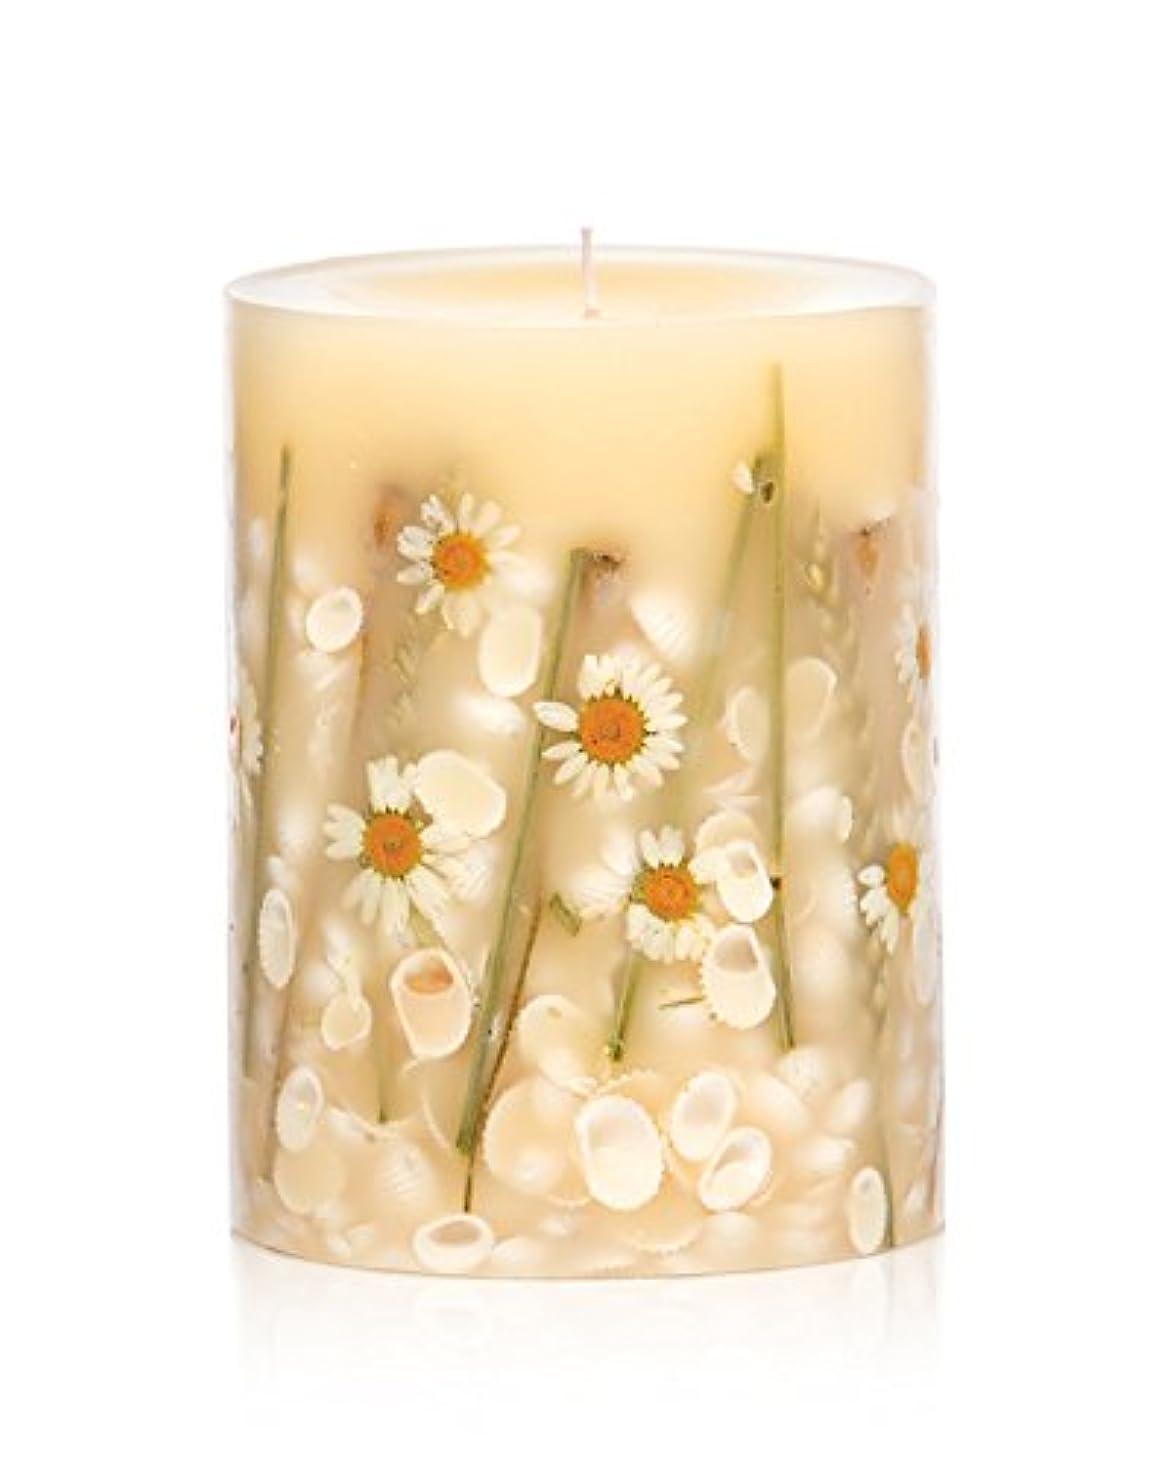 乗算読書をする日曜日ロージーリングス ボタニカルキャンドル ラウンド ビーチデイジー ROSY RINGS Round Botanical Candle Round – Beach Daisy